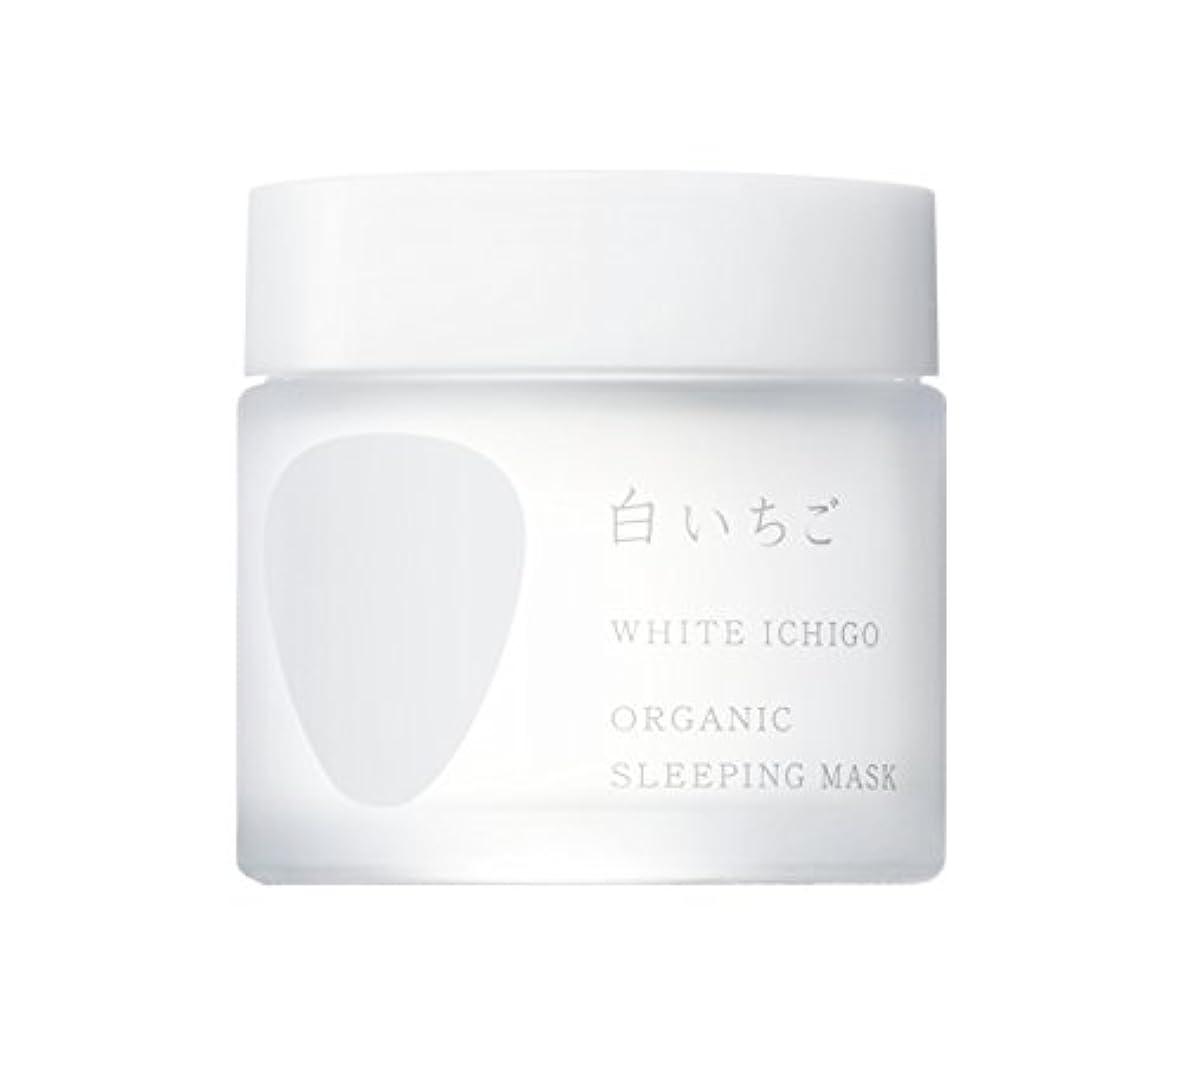 劇的コンパニオン銛WHITE ICHIGO(ホワイトイチゴ) オーガニック スリーピング マスク 50g